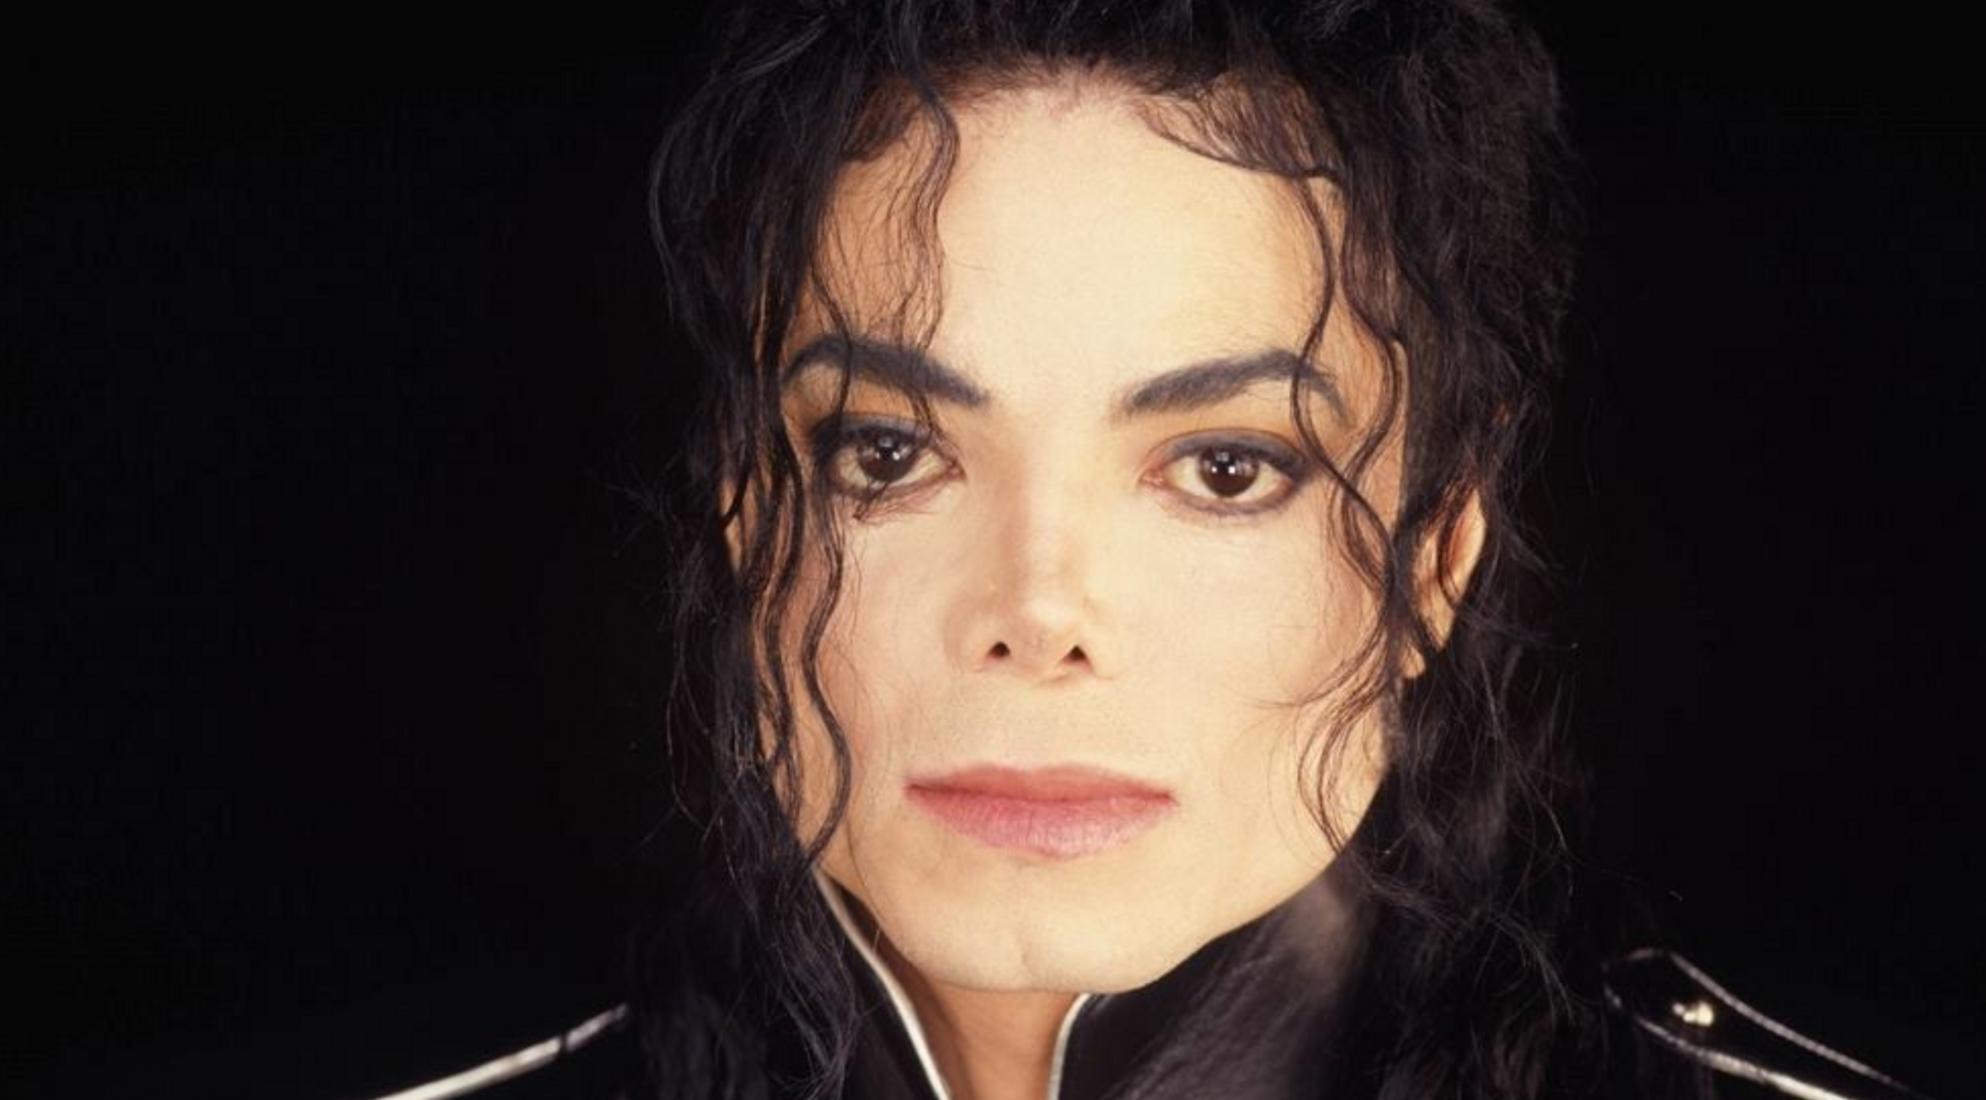 Marele secret al lui Michael Jackson a fost aflat la 11 ani după moartea cântărețului. Era obsedat